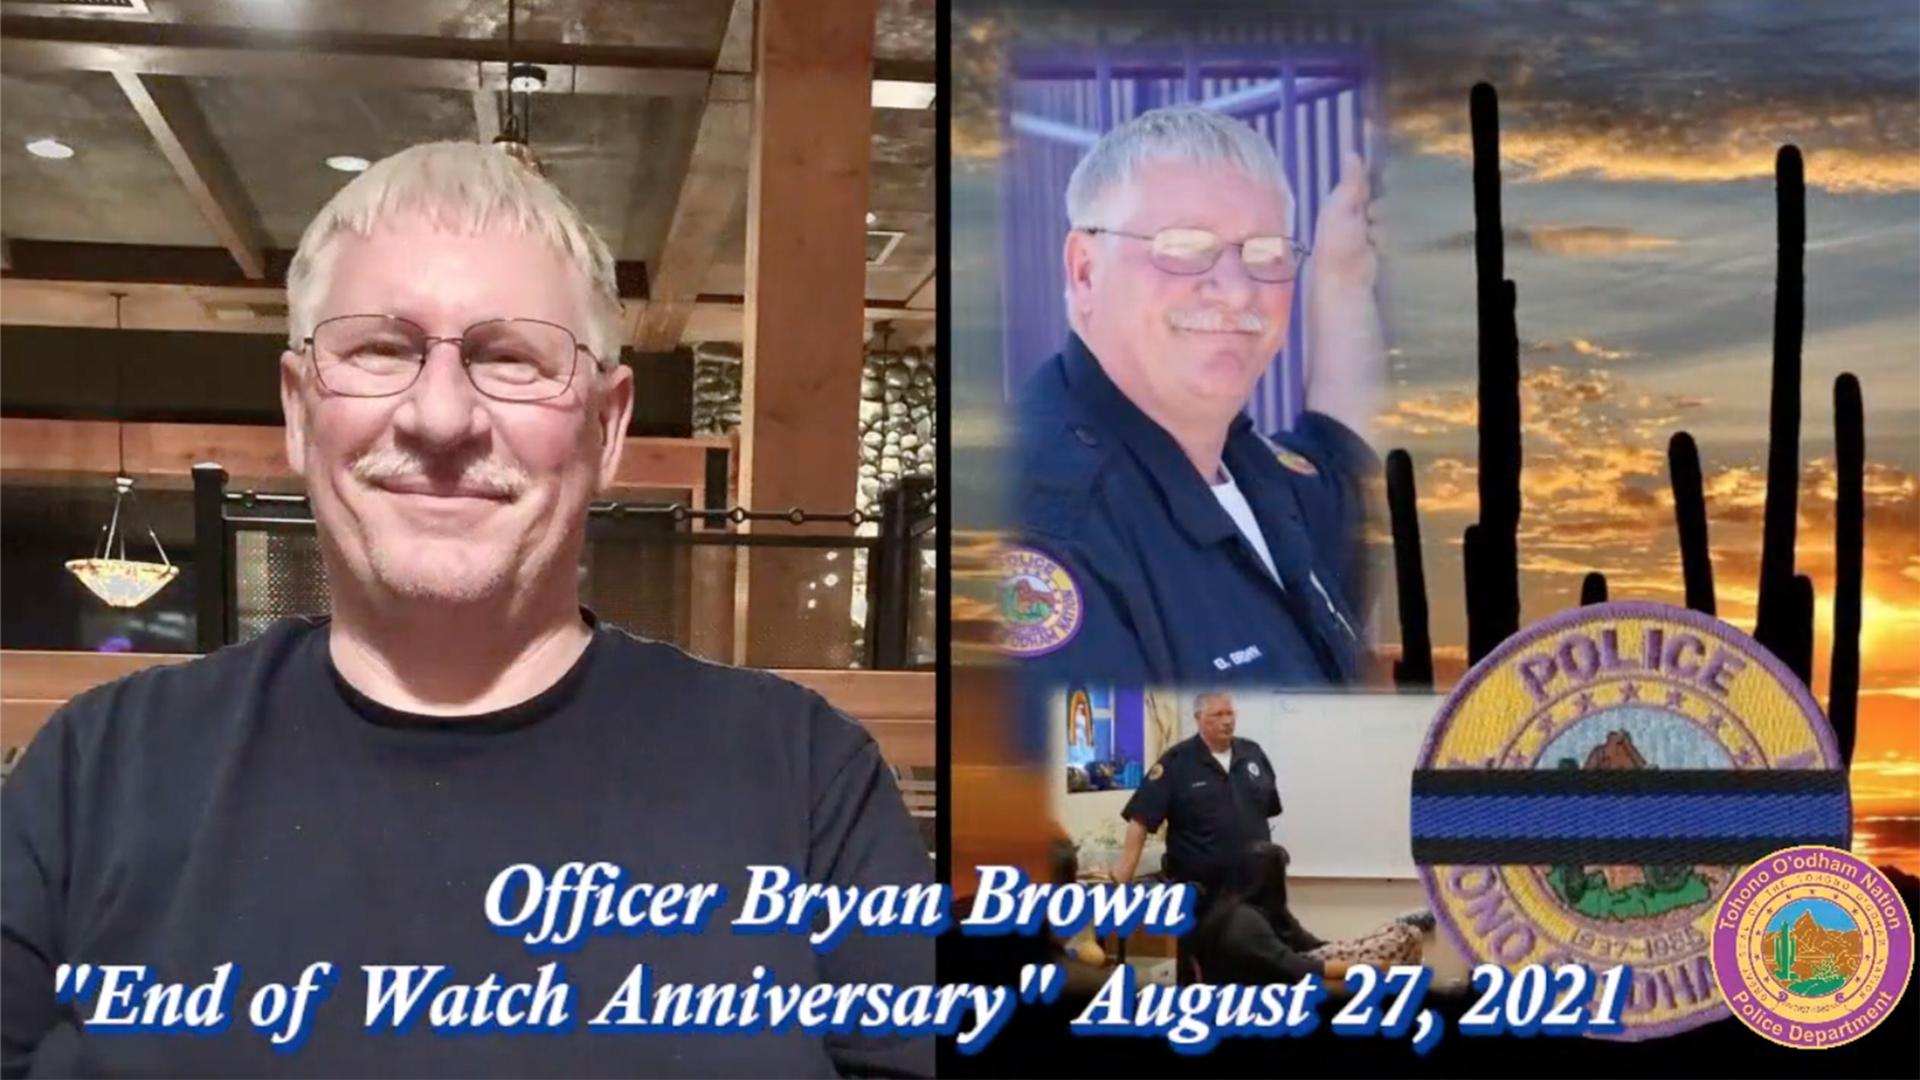 Officer Bryan Brown headshots